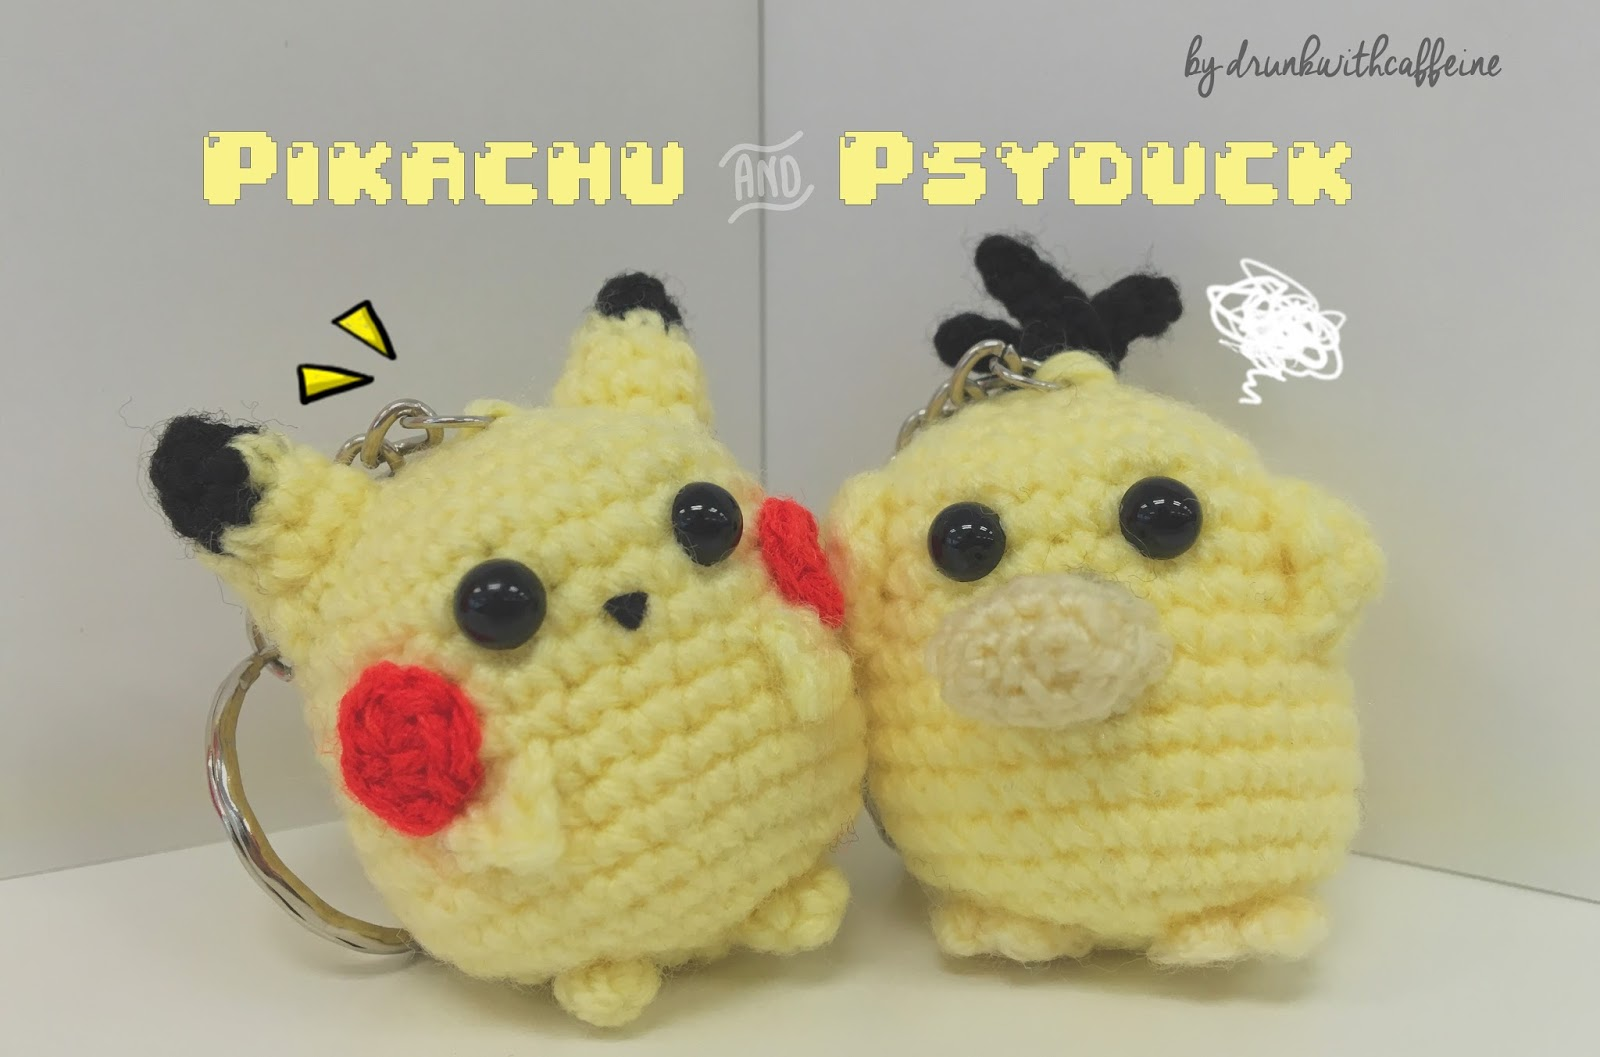 Amigurumi Patterns Pikachu : Drunk with caffeine: amigurumi pattern pikachu & psyduck